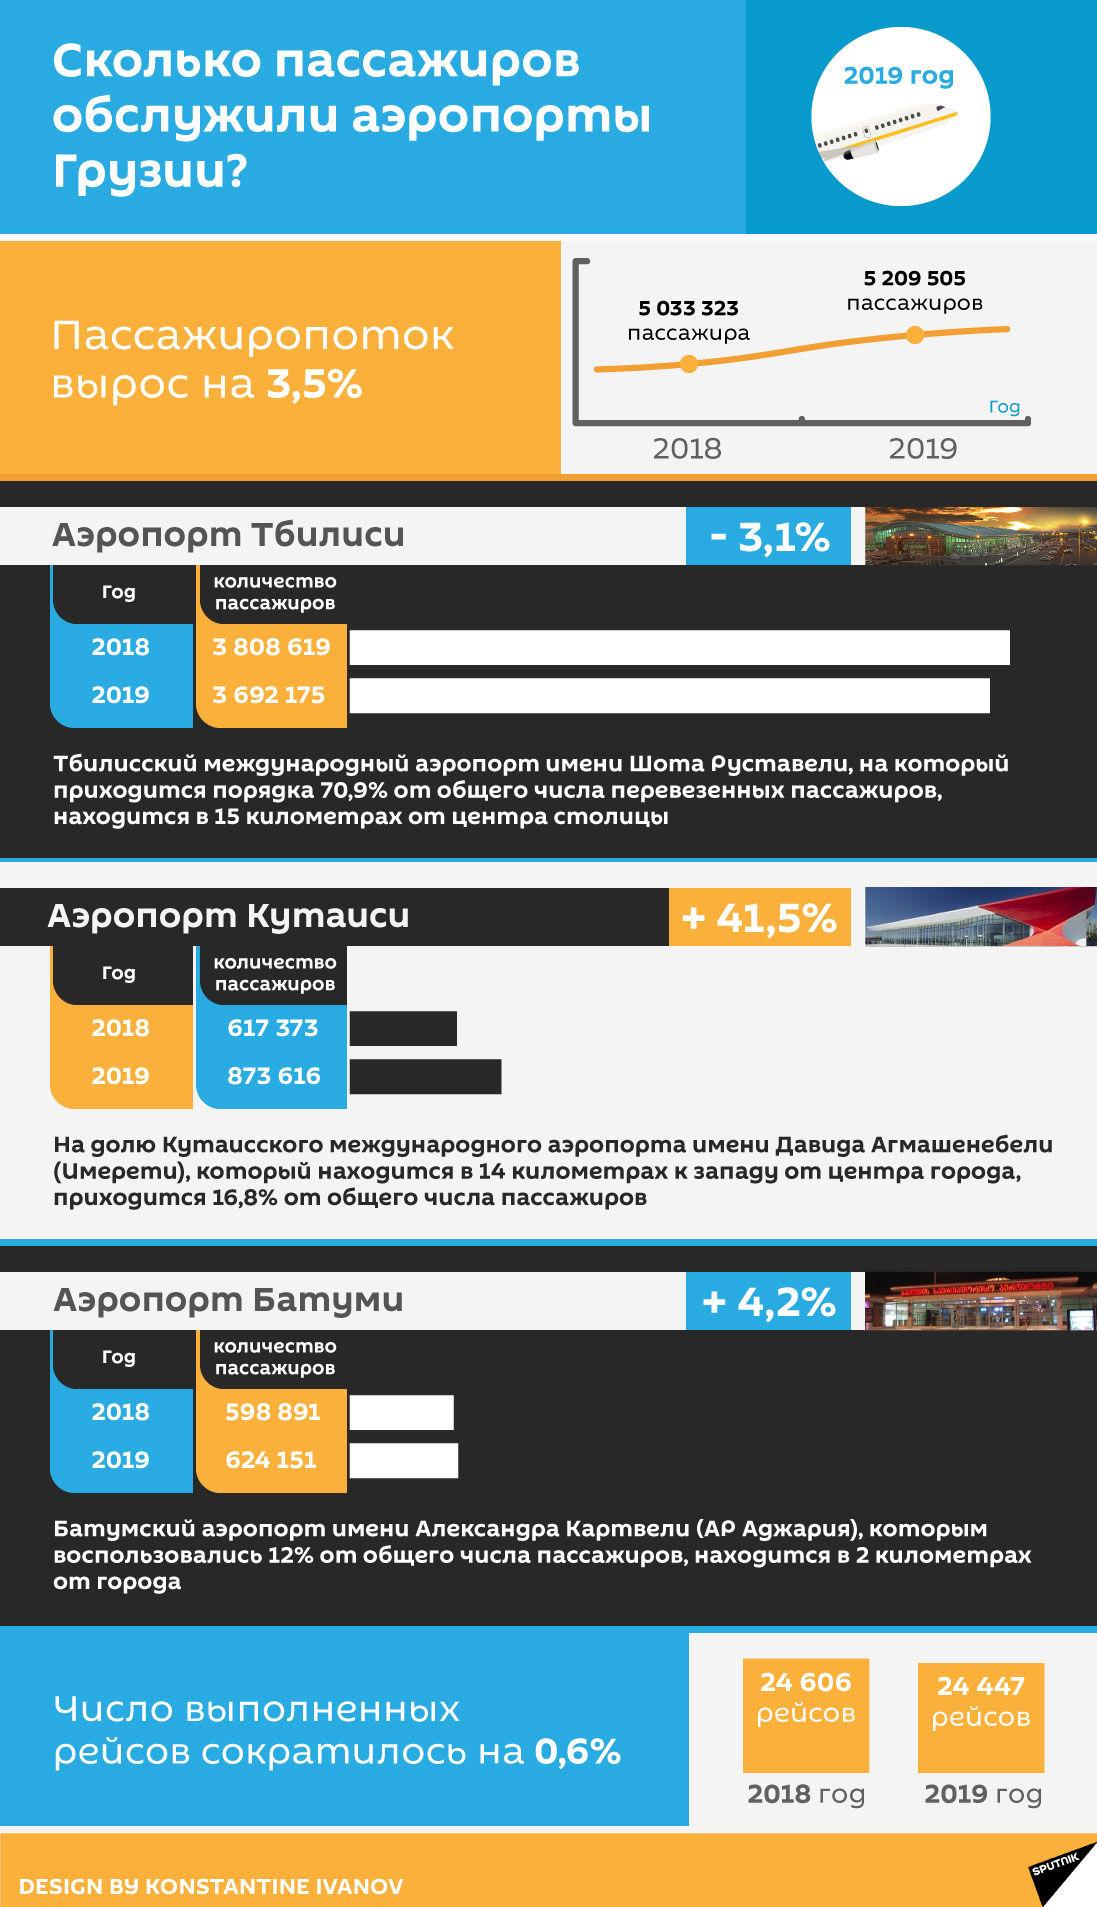 Сколько пассажиров обслужили аэропорты Грузии в 2019 году - Sputnik Грузия